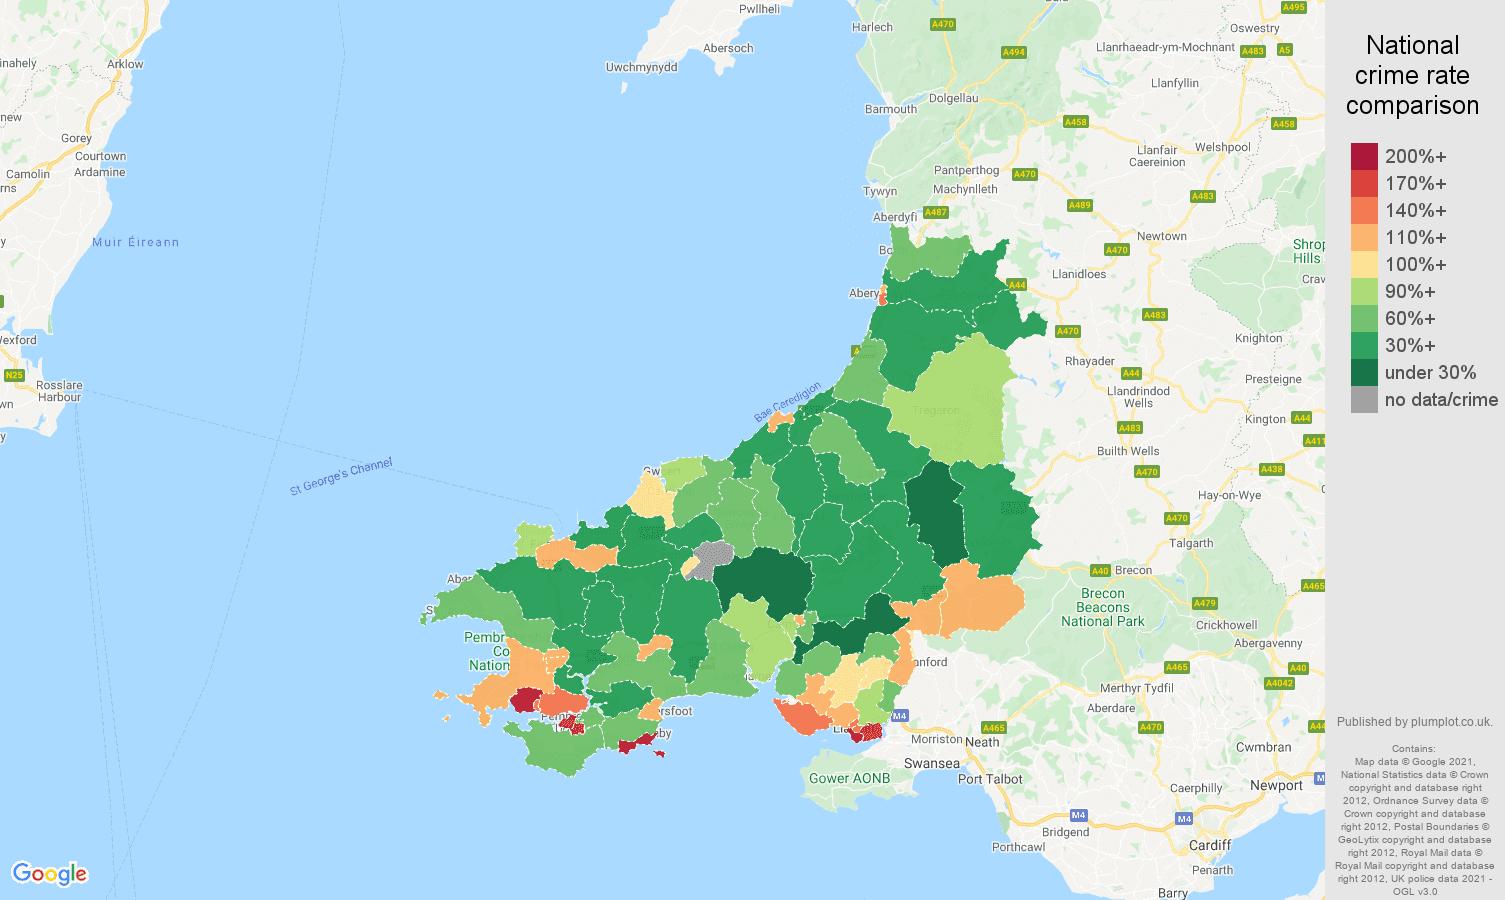 Dyfed antisocial behaviour crime rate comparison map